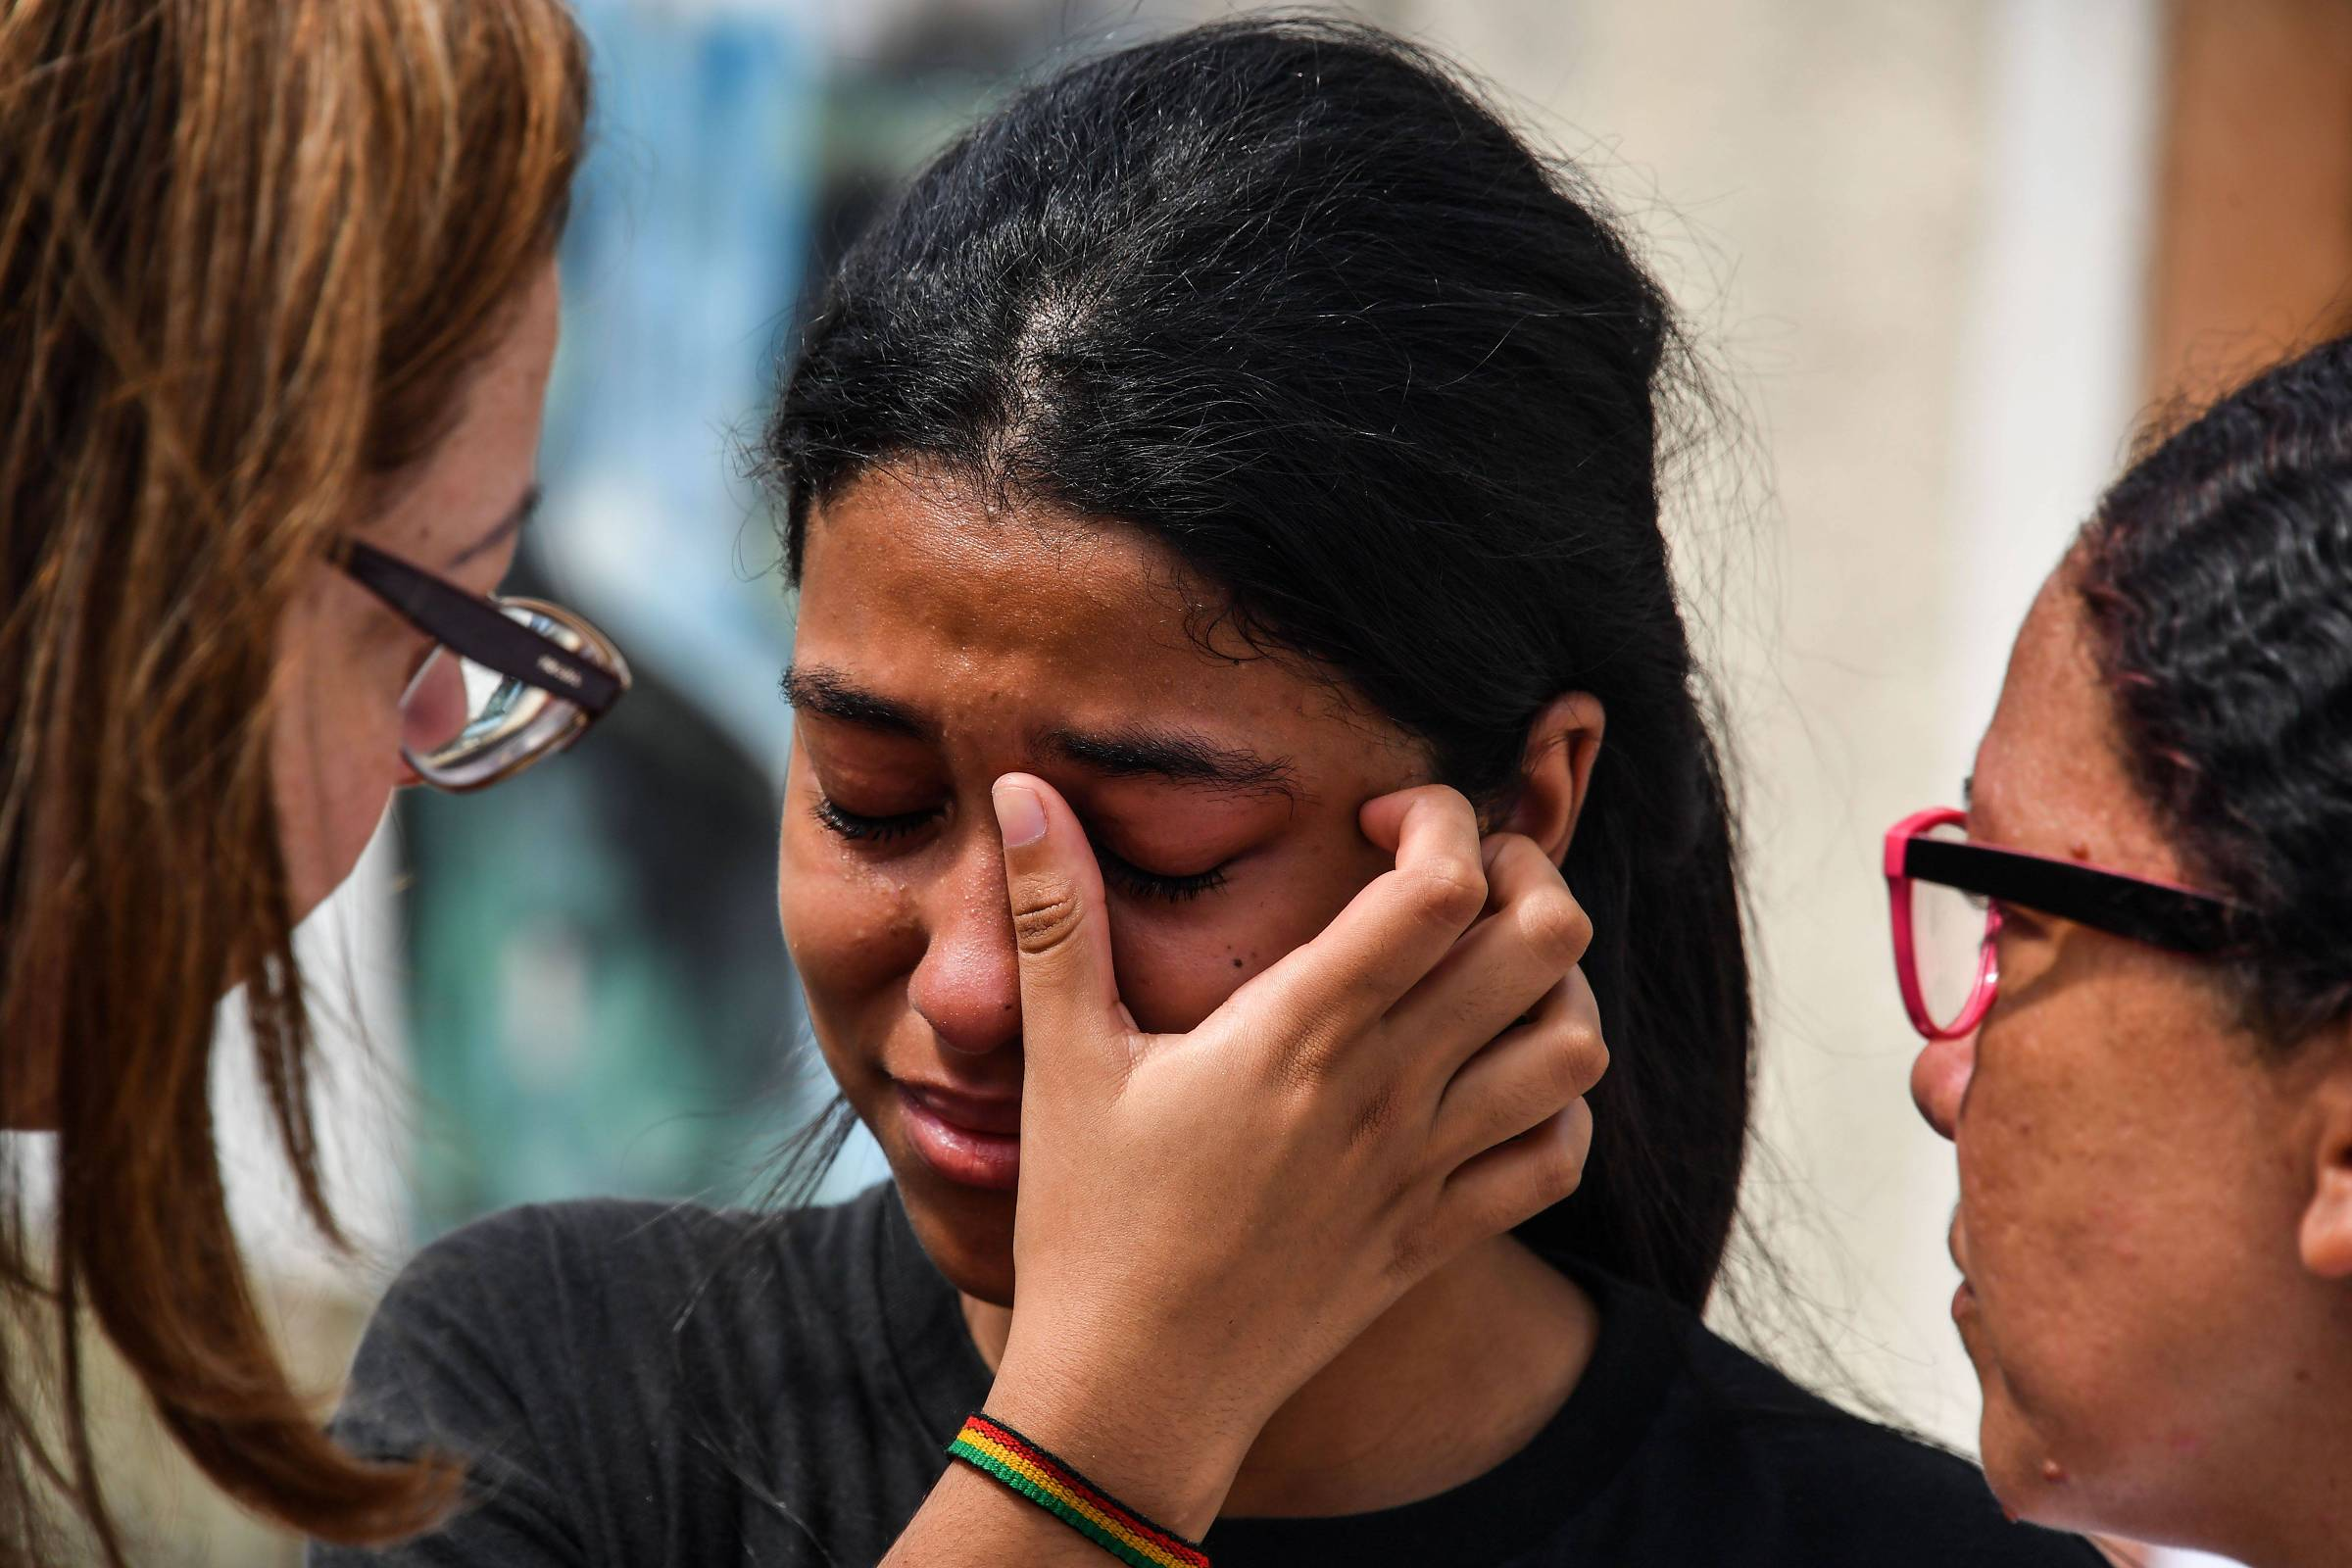 Tragedia Em Suzano Hoje Pinterest: Após 6 Horas De Silêncio, Bolsonaro Define Tragédia Em